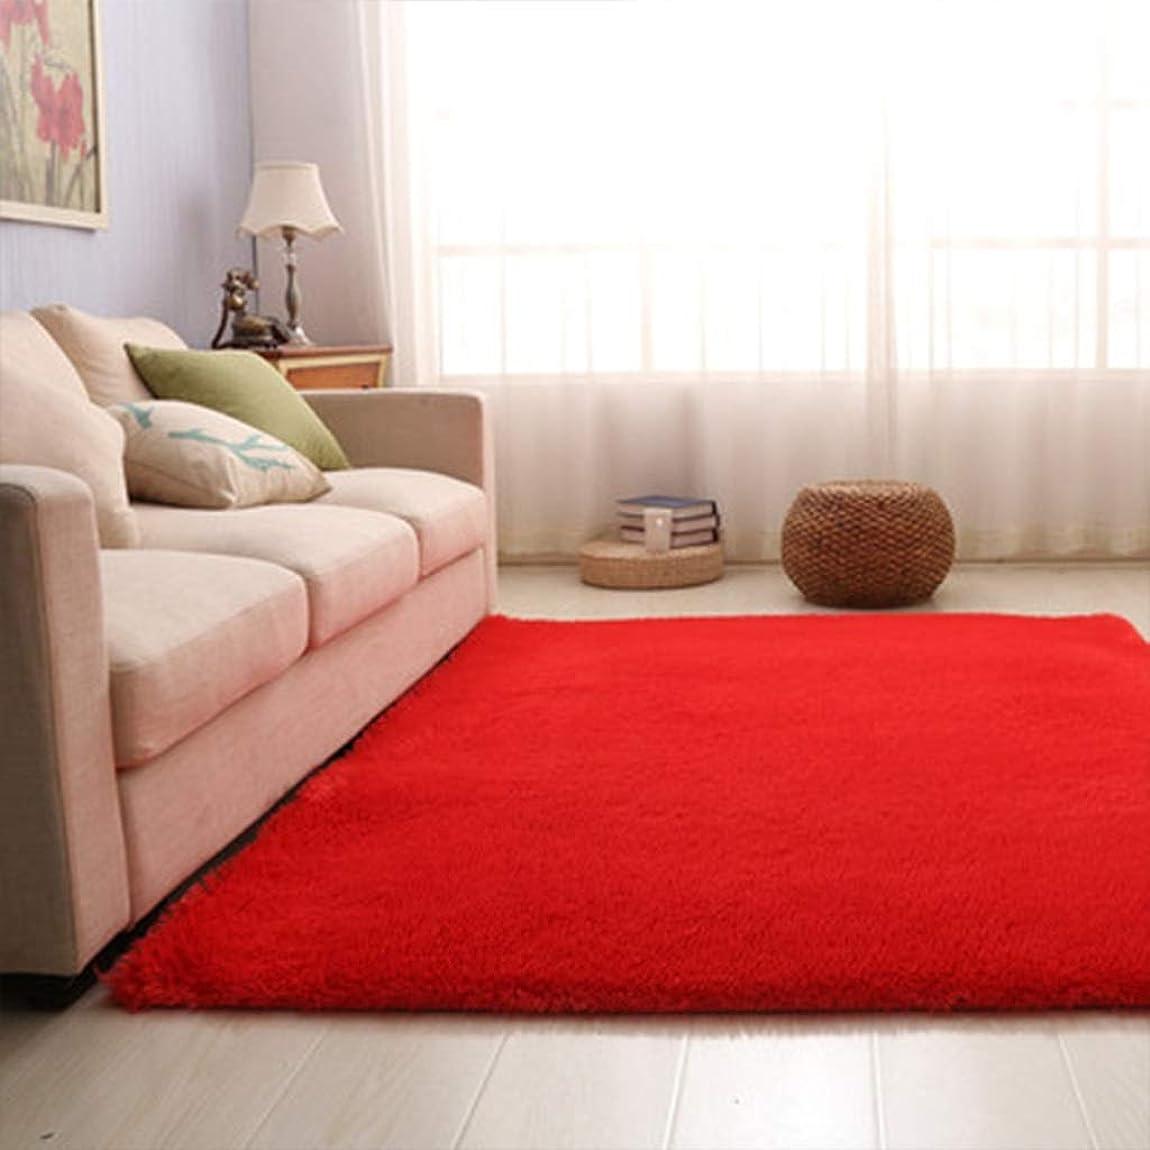 モットー姿勢専門RBZCCP 洗えるカーペットのリビングルームのソファかわいい家の畳 (Color : Red, Size : XL)